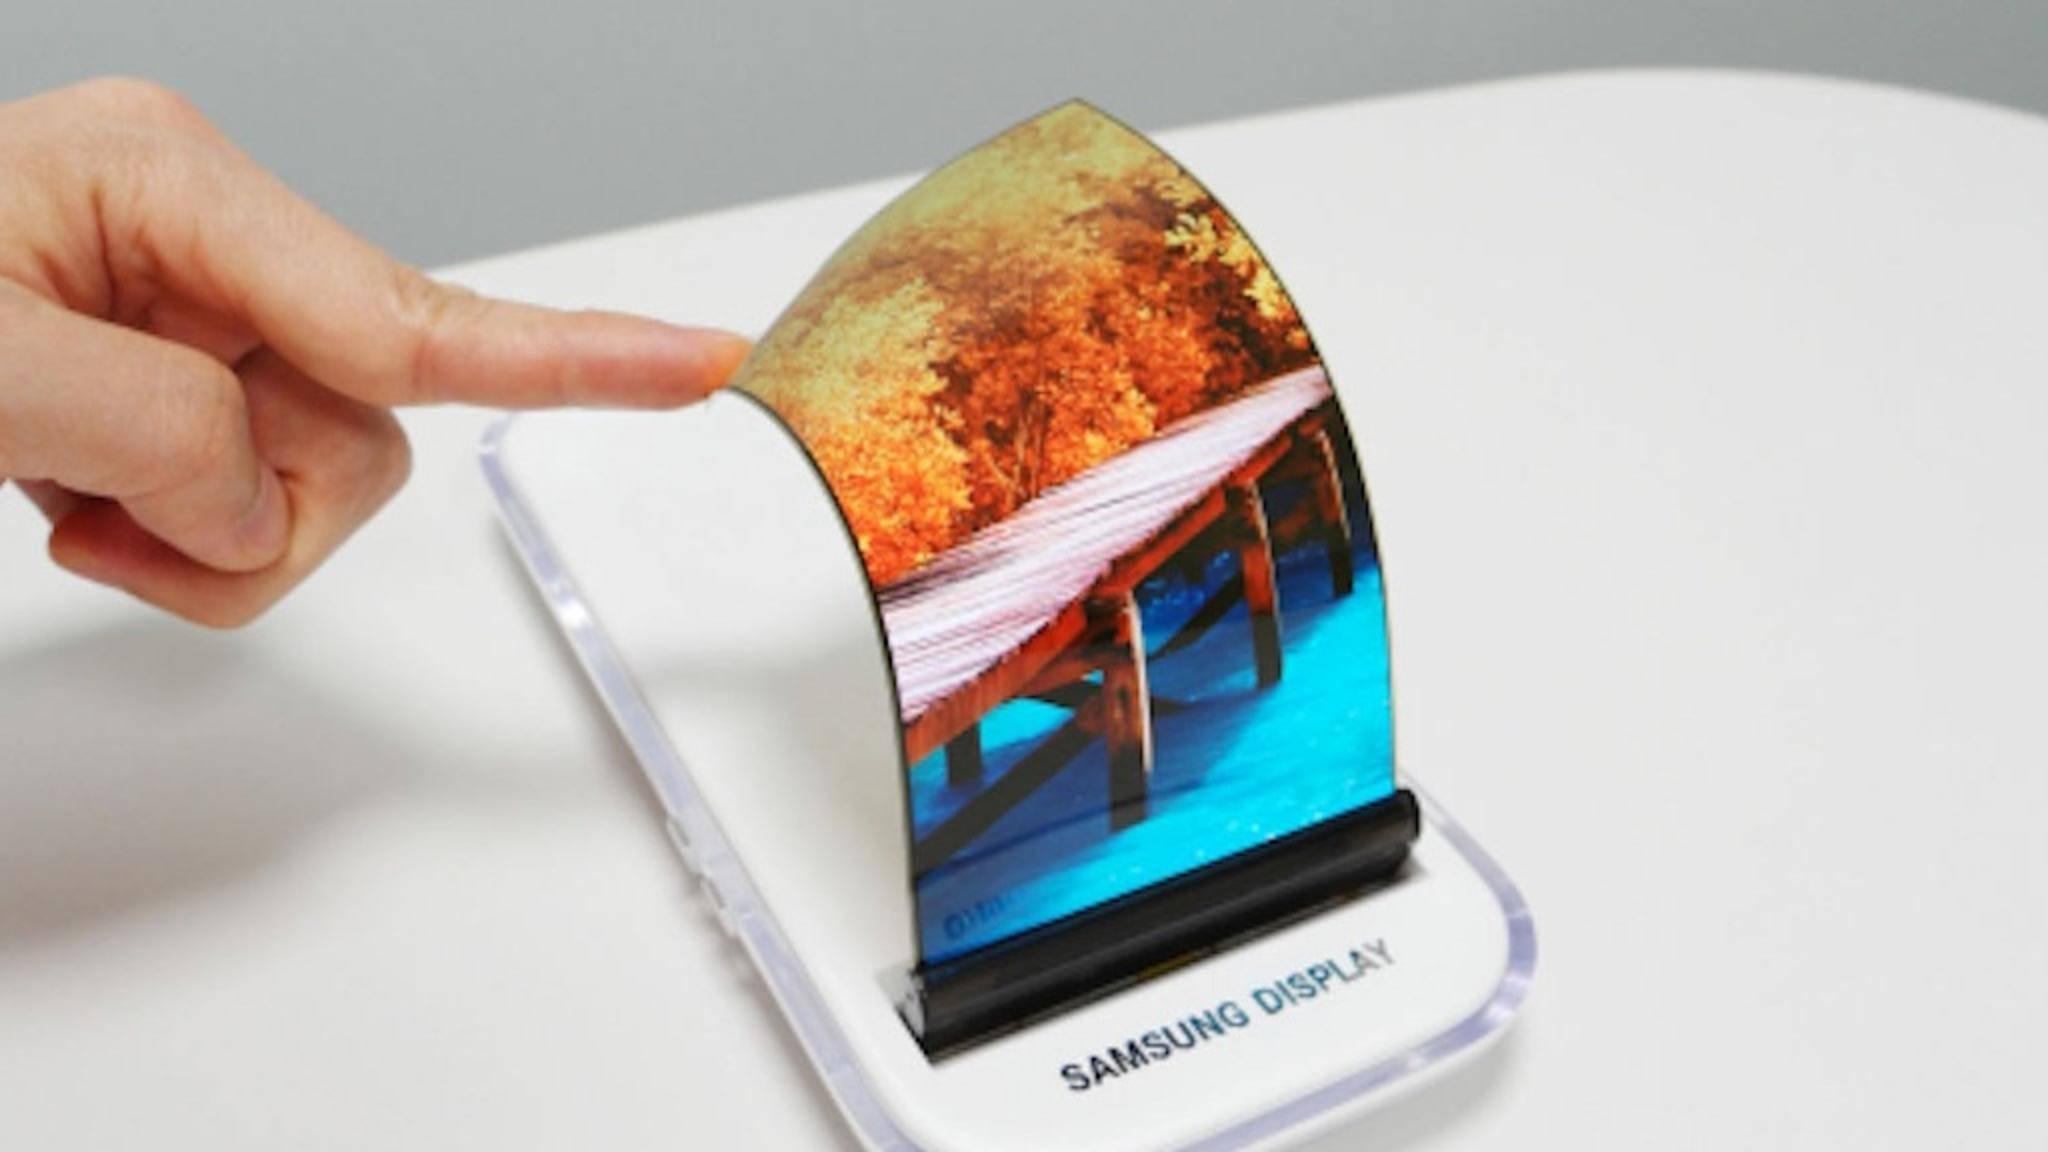 Im Gegensatz zu den faltbaren Bildschirmen von Samsung und Huawei soll Sonys Bildschirm sogar durchsichtig sein.